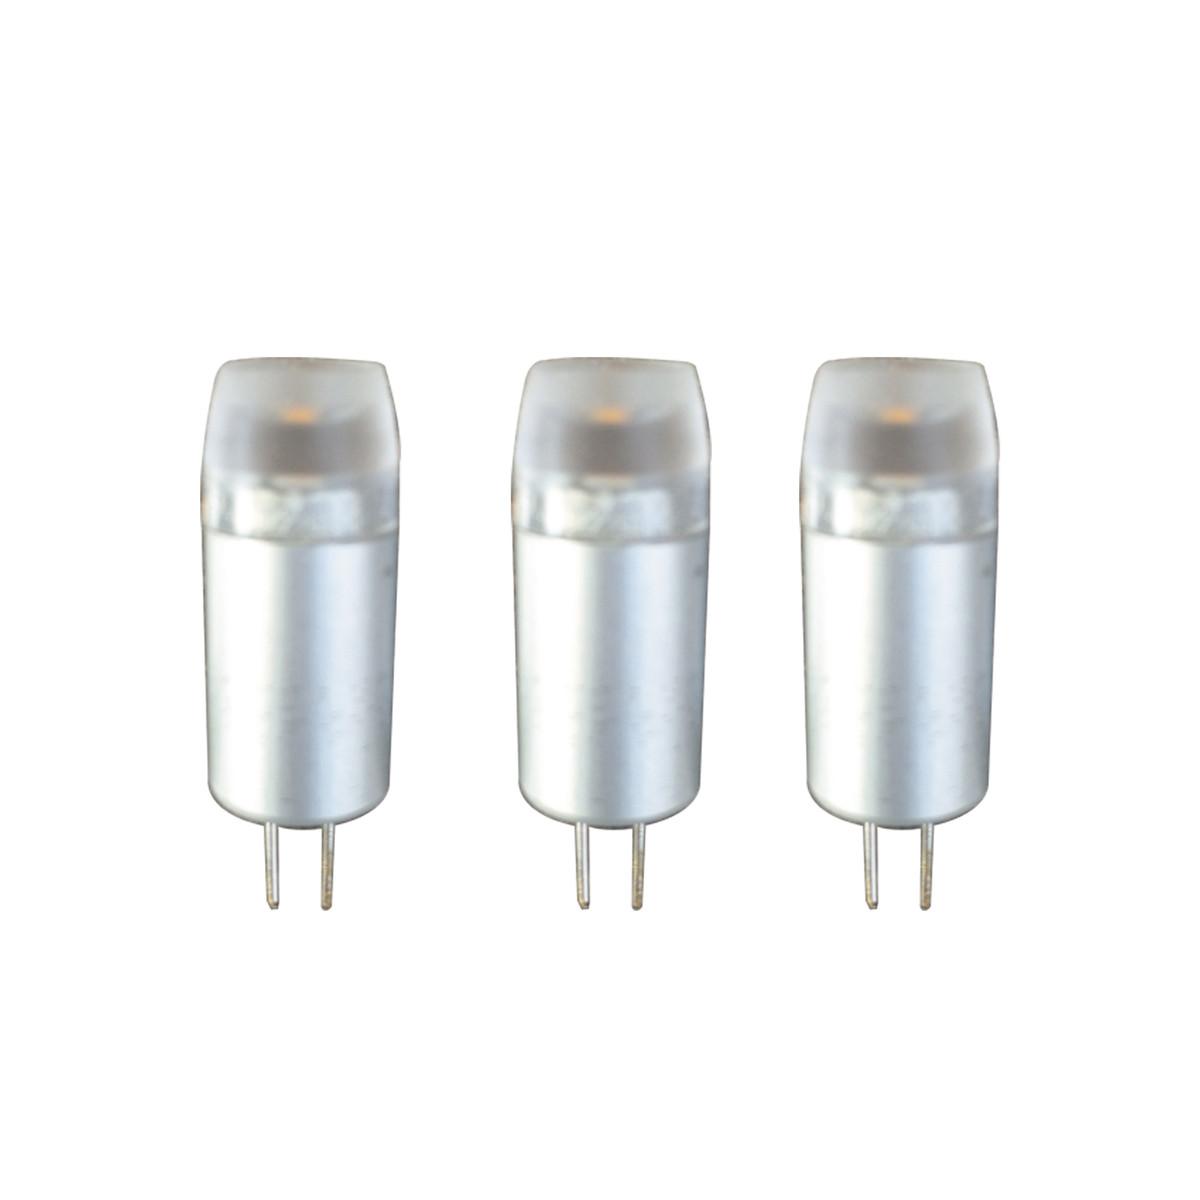 Hot lampadina led g4 3w 4w  Prezzo e Offerte Sottocosto